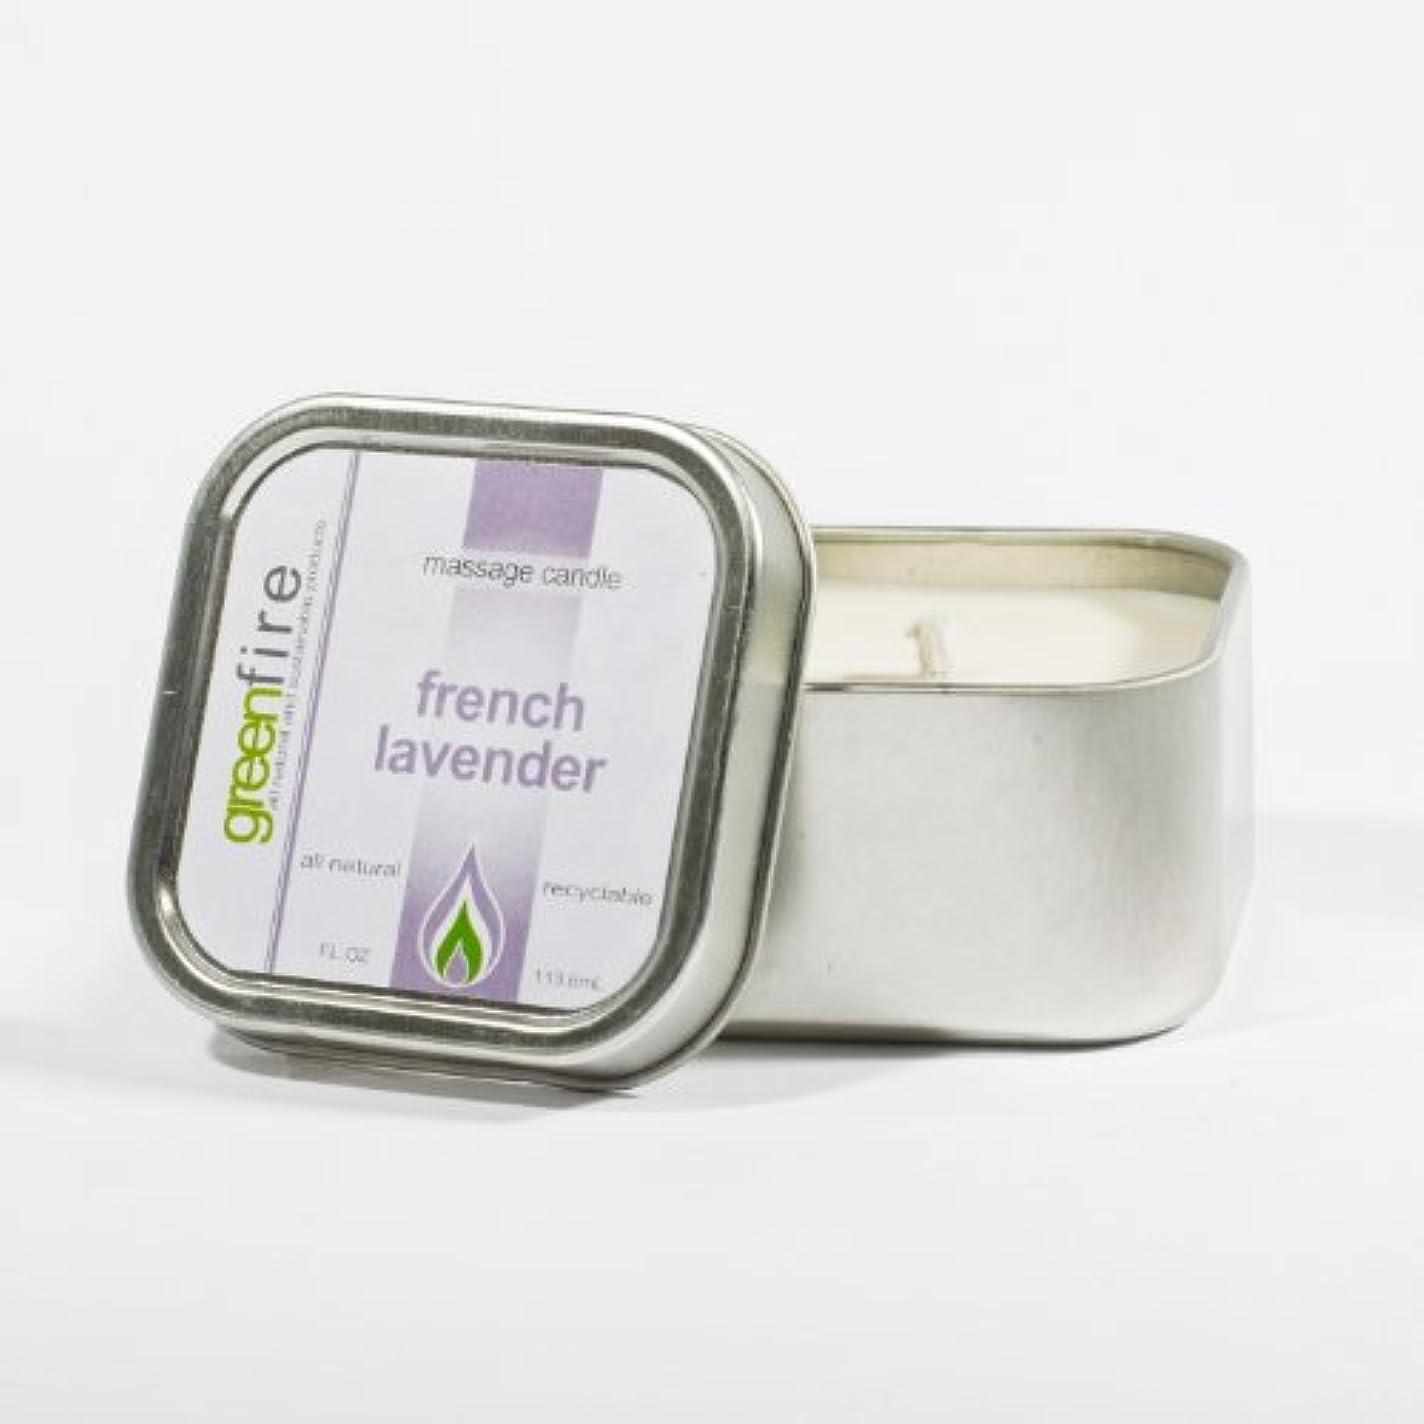 小切手バラ色しないでくださいグリーンファイヤーマッサージオイル/3パック入り フレンチラベンダーの香り(サイズ:29.6mL、59.1mL、118.3mL)